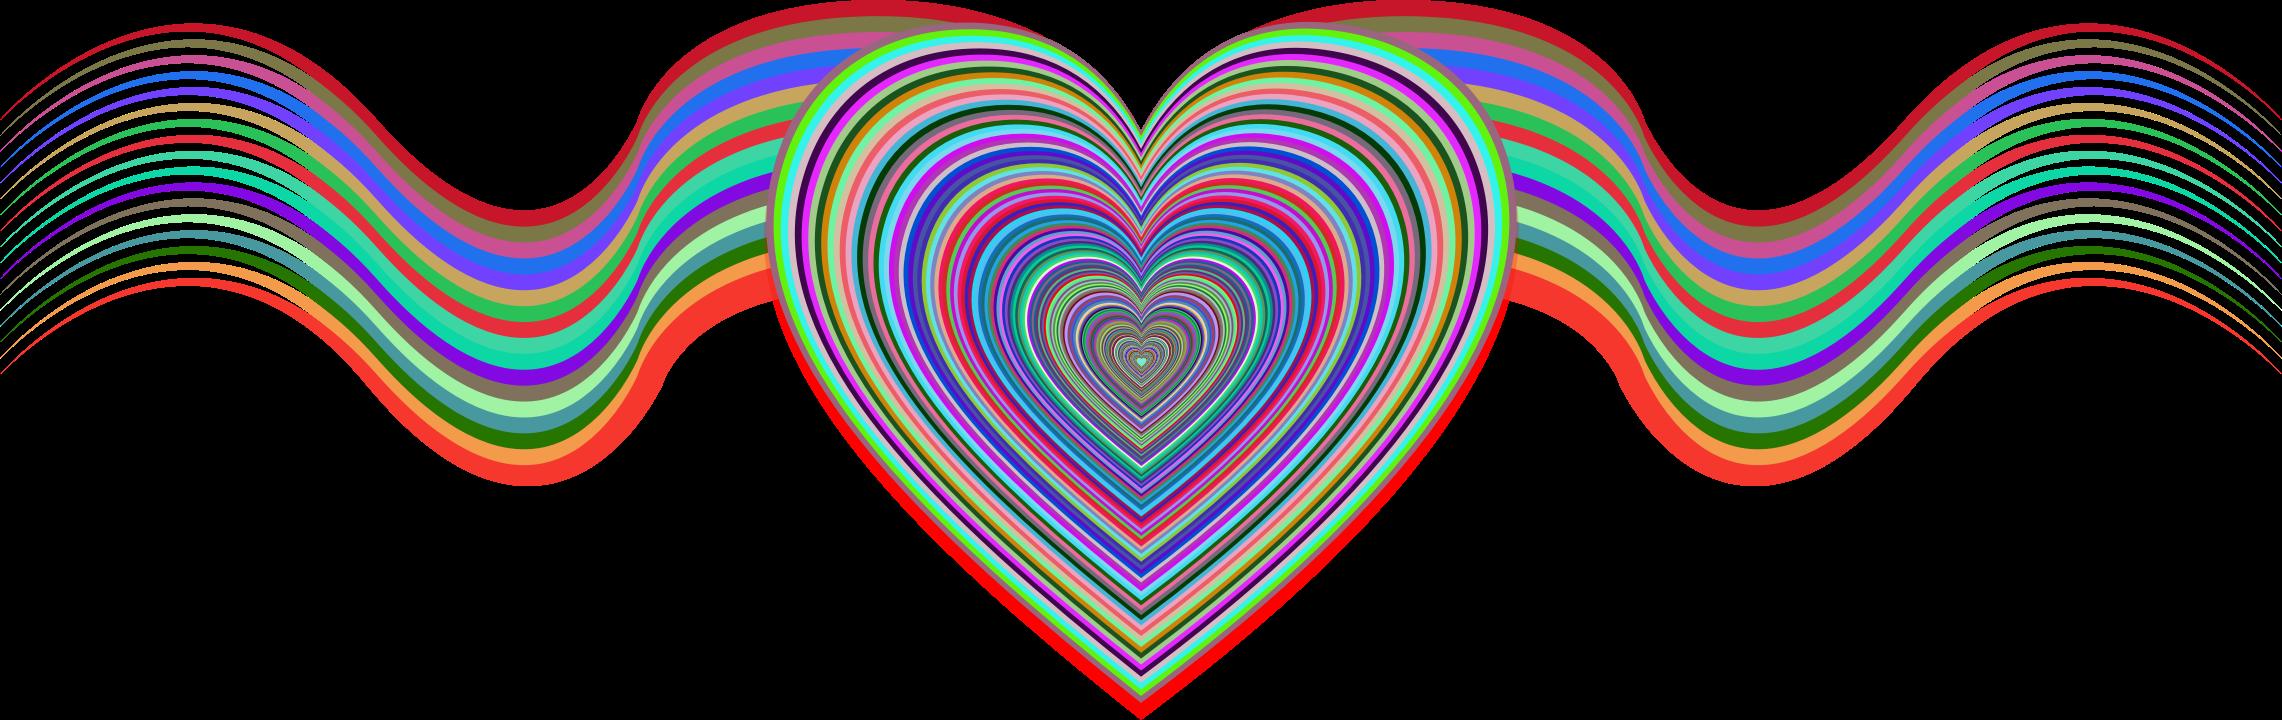 Hearts clipart ribbon. Heart ribbons big image